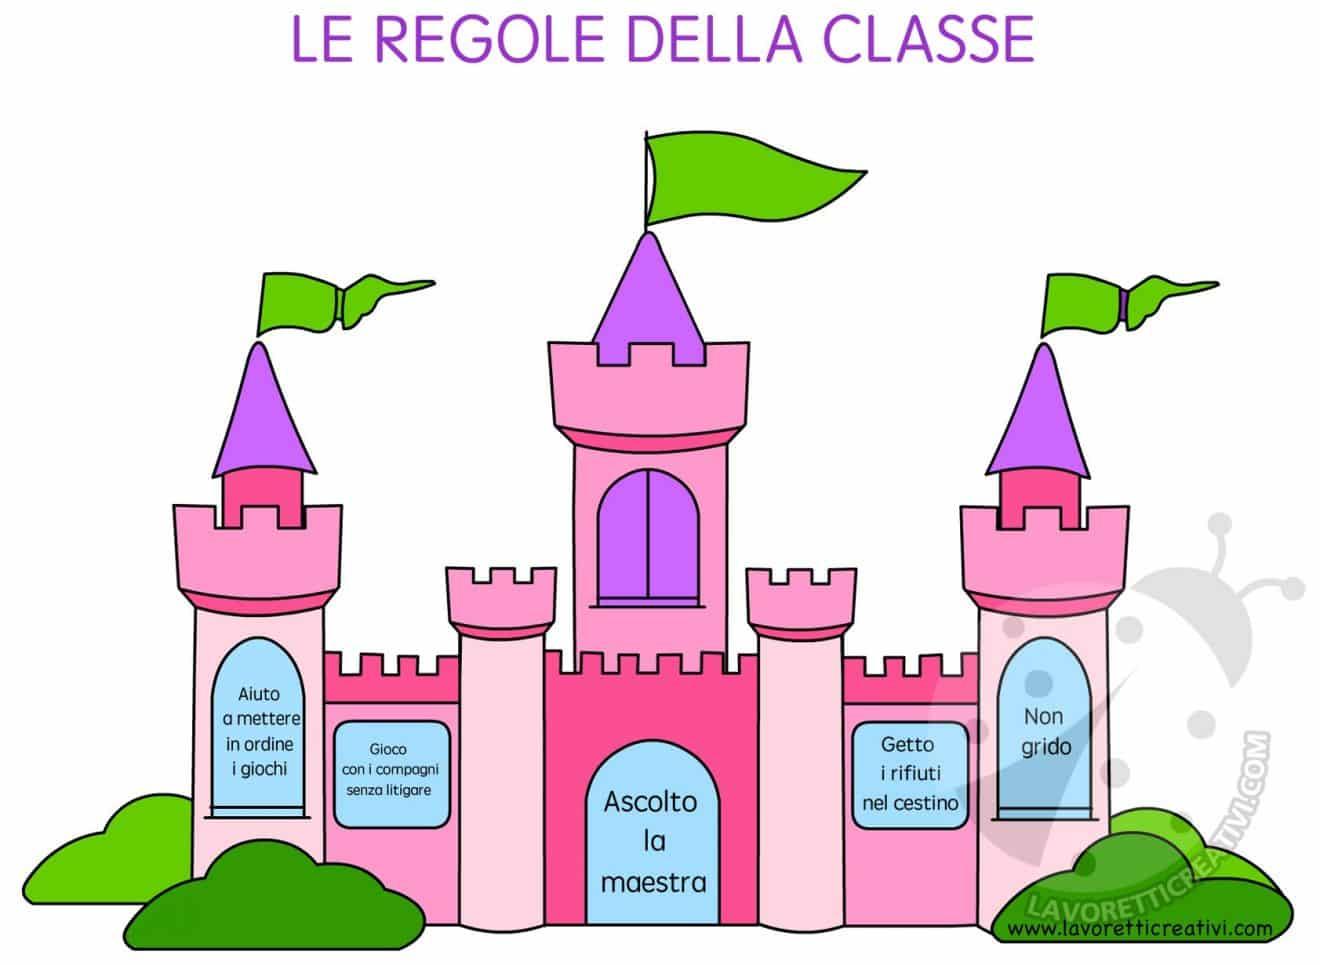 Idee cartellone regole classe Castello Lavoretti Creativi